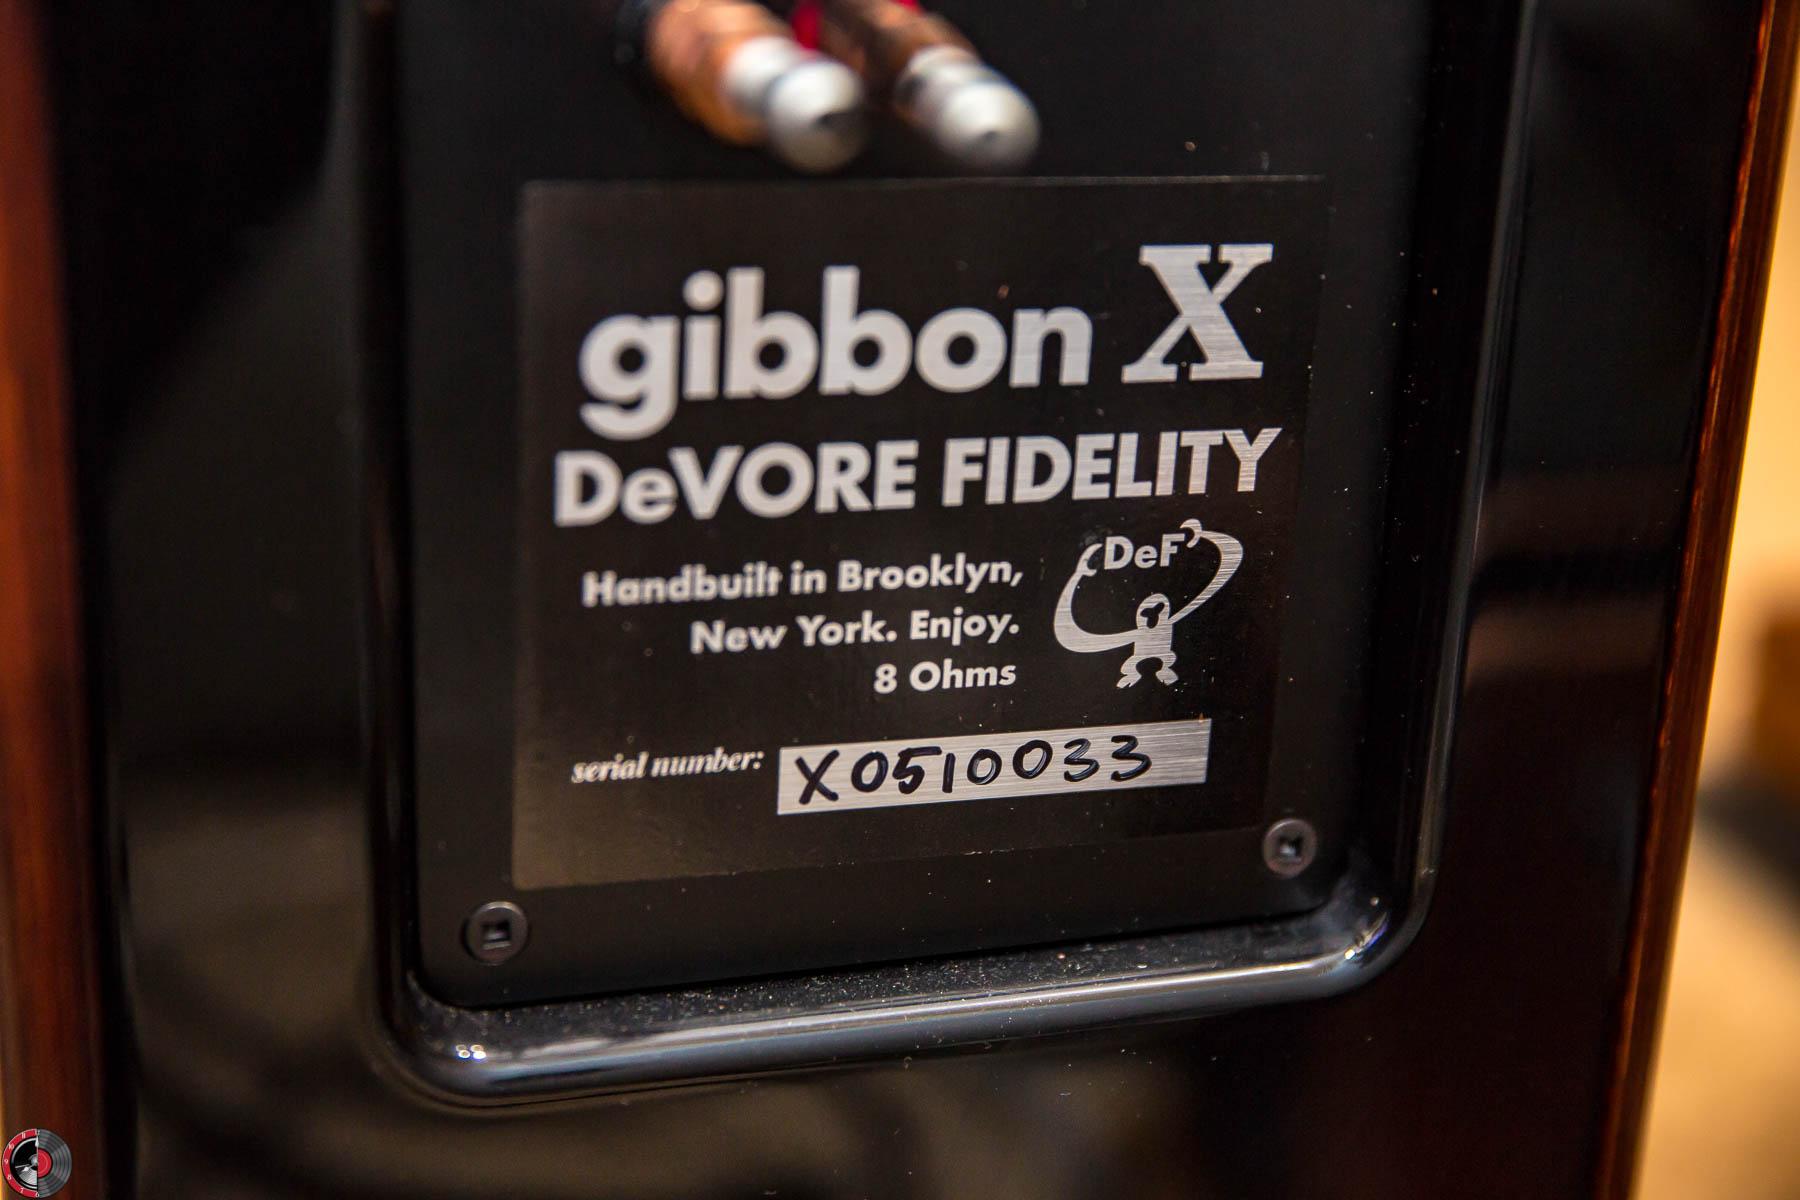 Review: DeVore Fidelity Gibbon X | Part-Time Audiophile